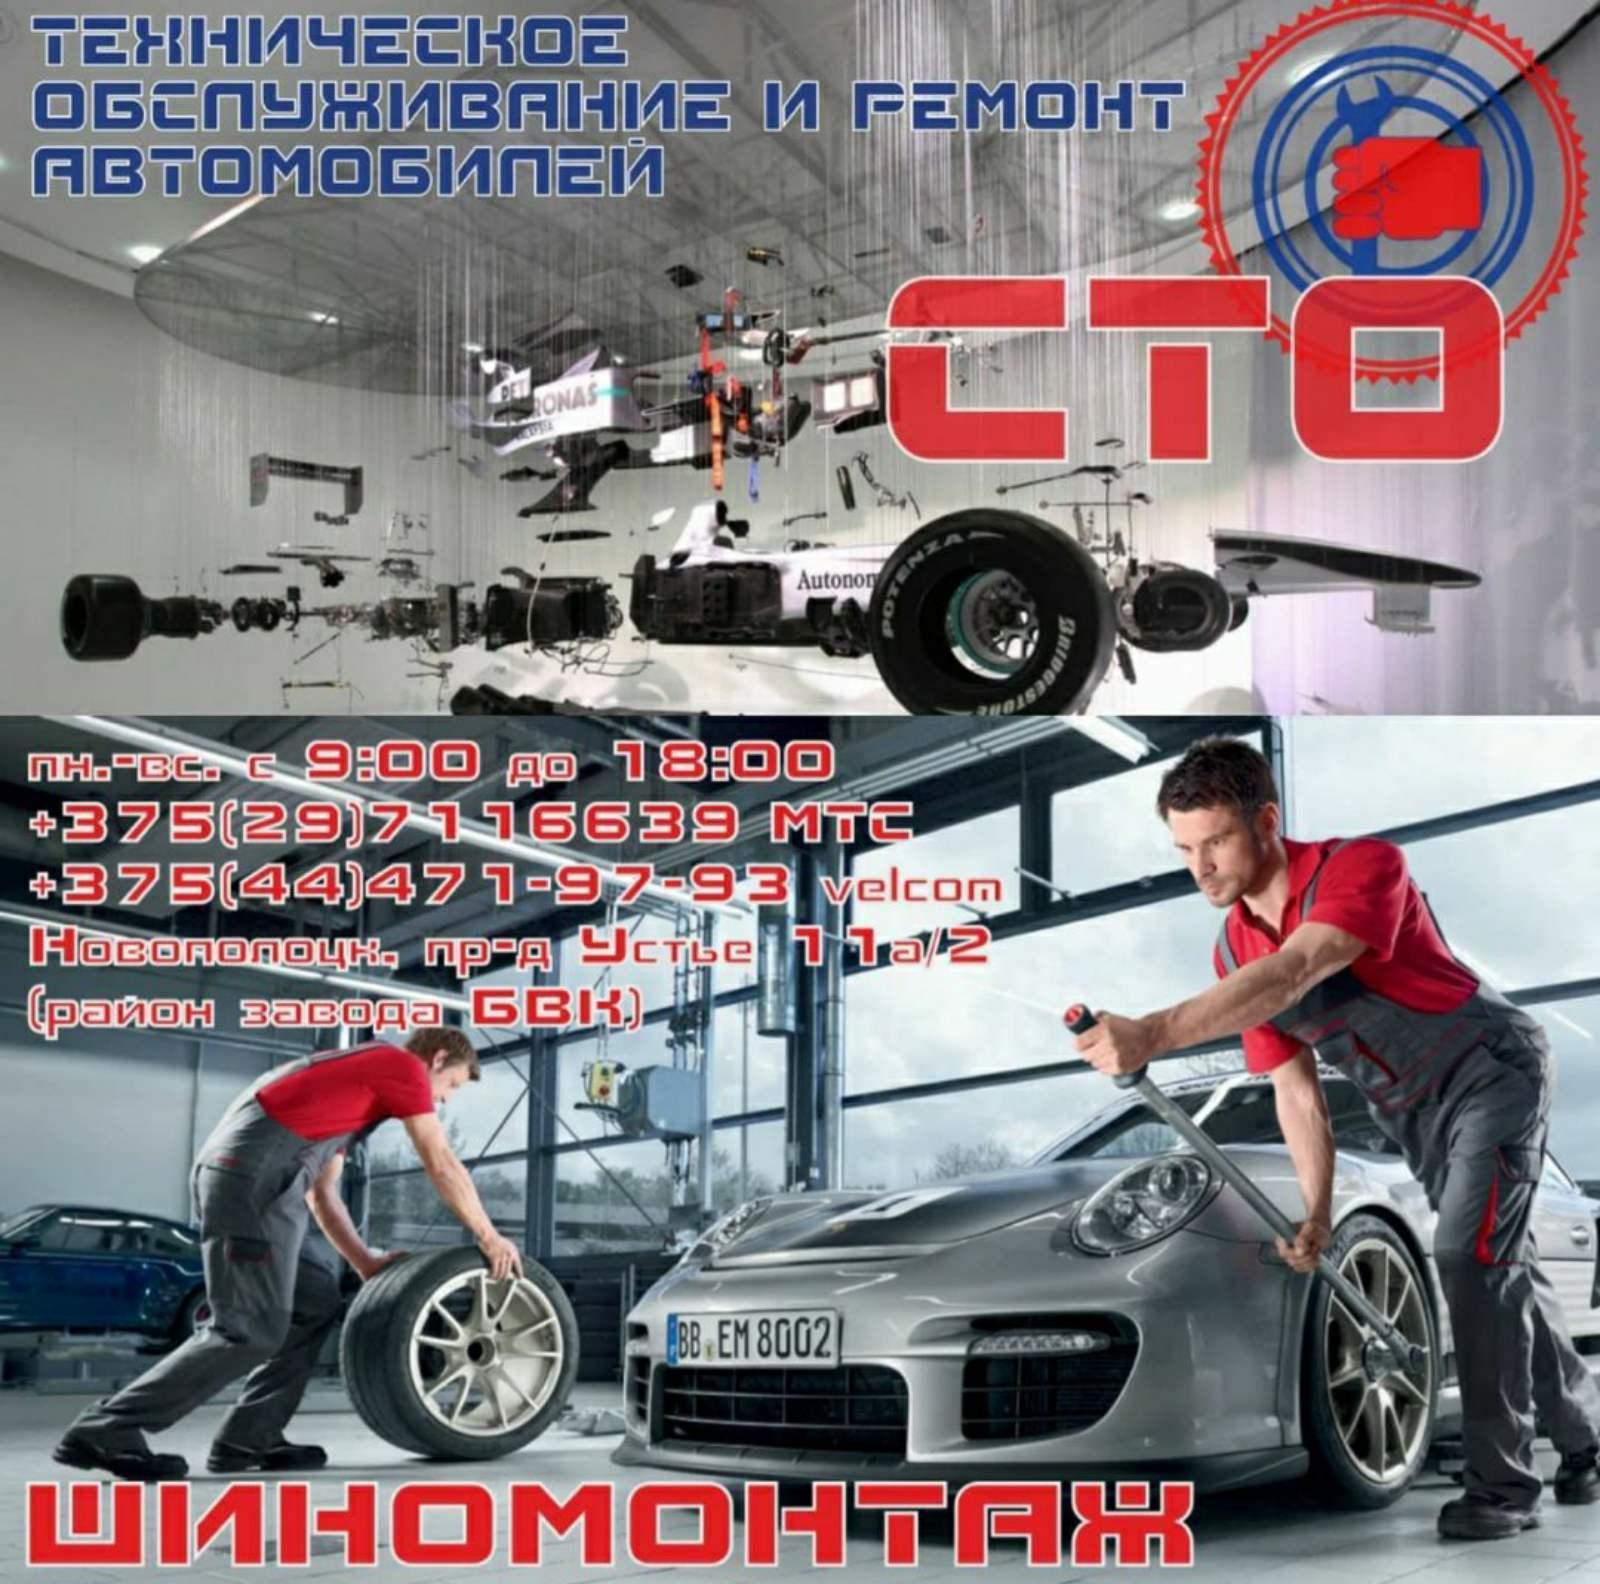 vidolavto_shinomontazh_novopolotsk2